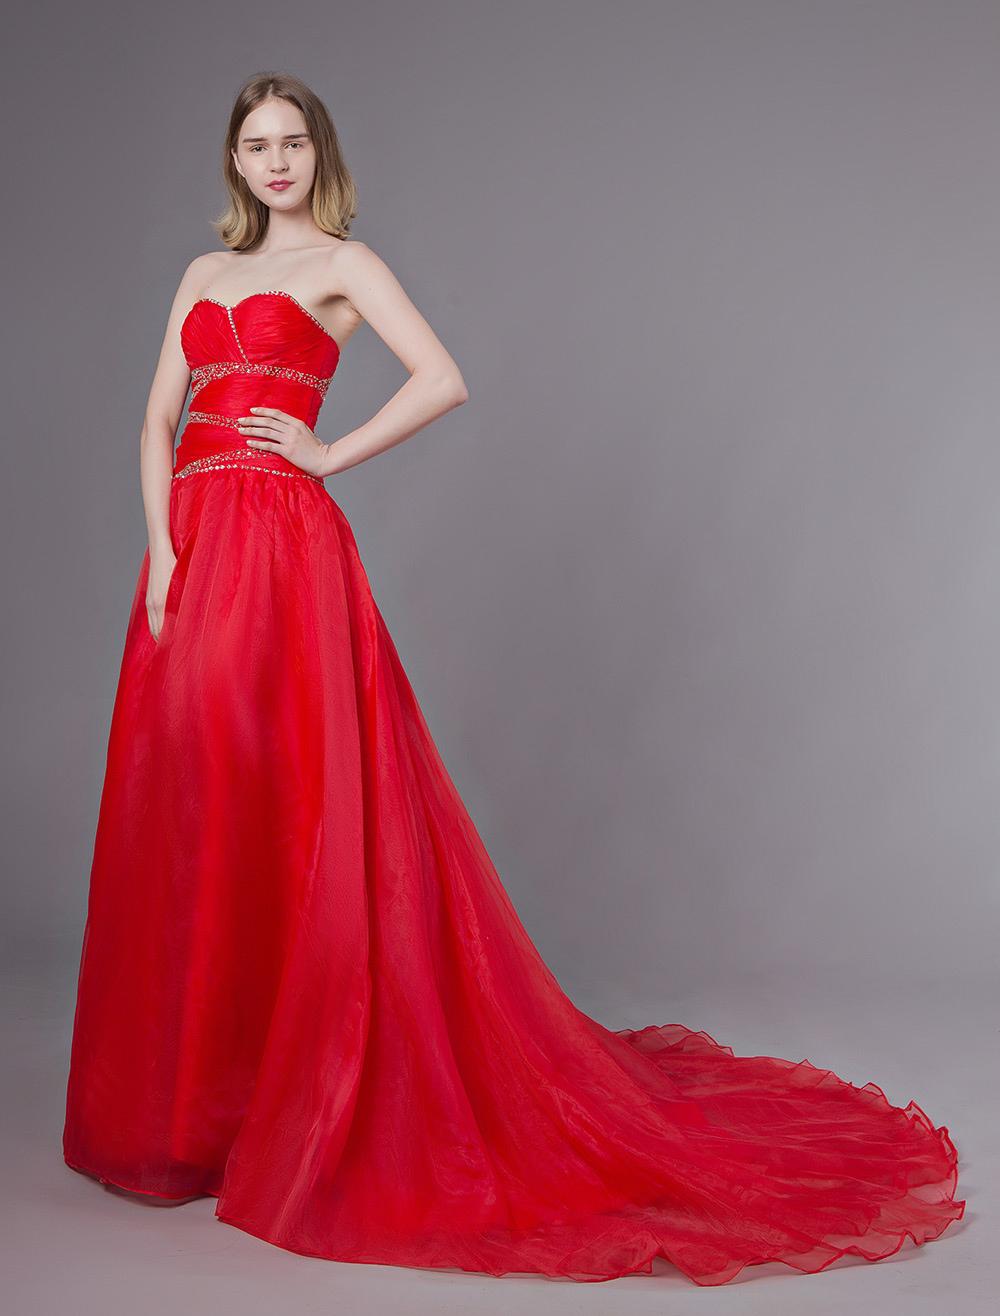 51df7308faa2 Abiti da sposa rossi Abiti da cerimonia senza spalline in organza con  perline senza spalline- ...